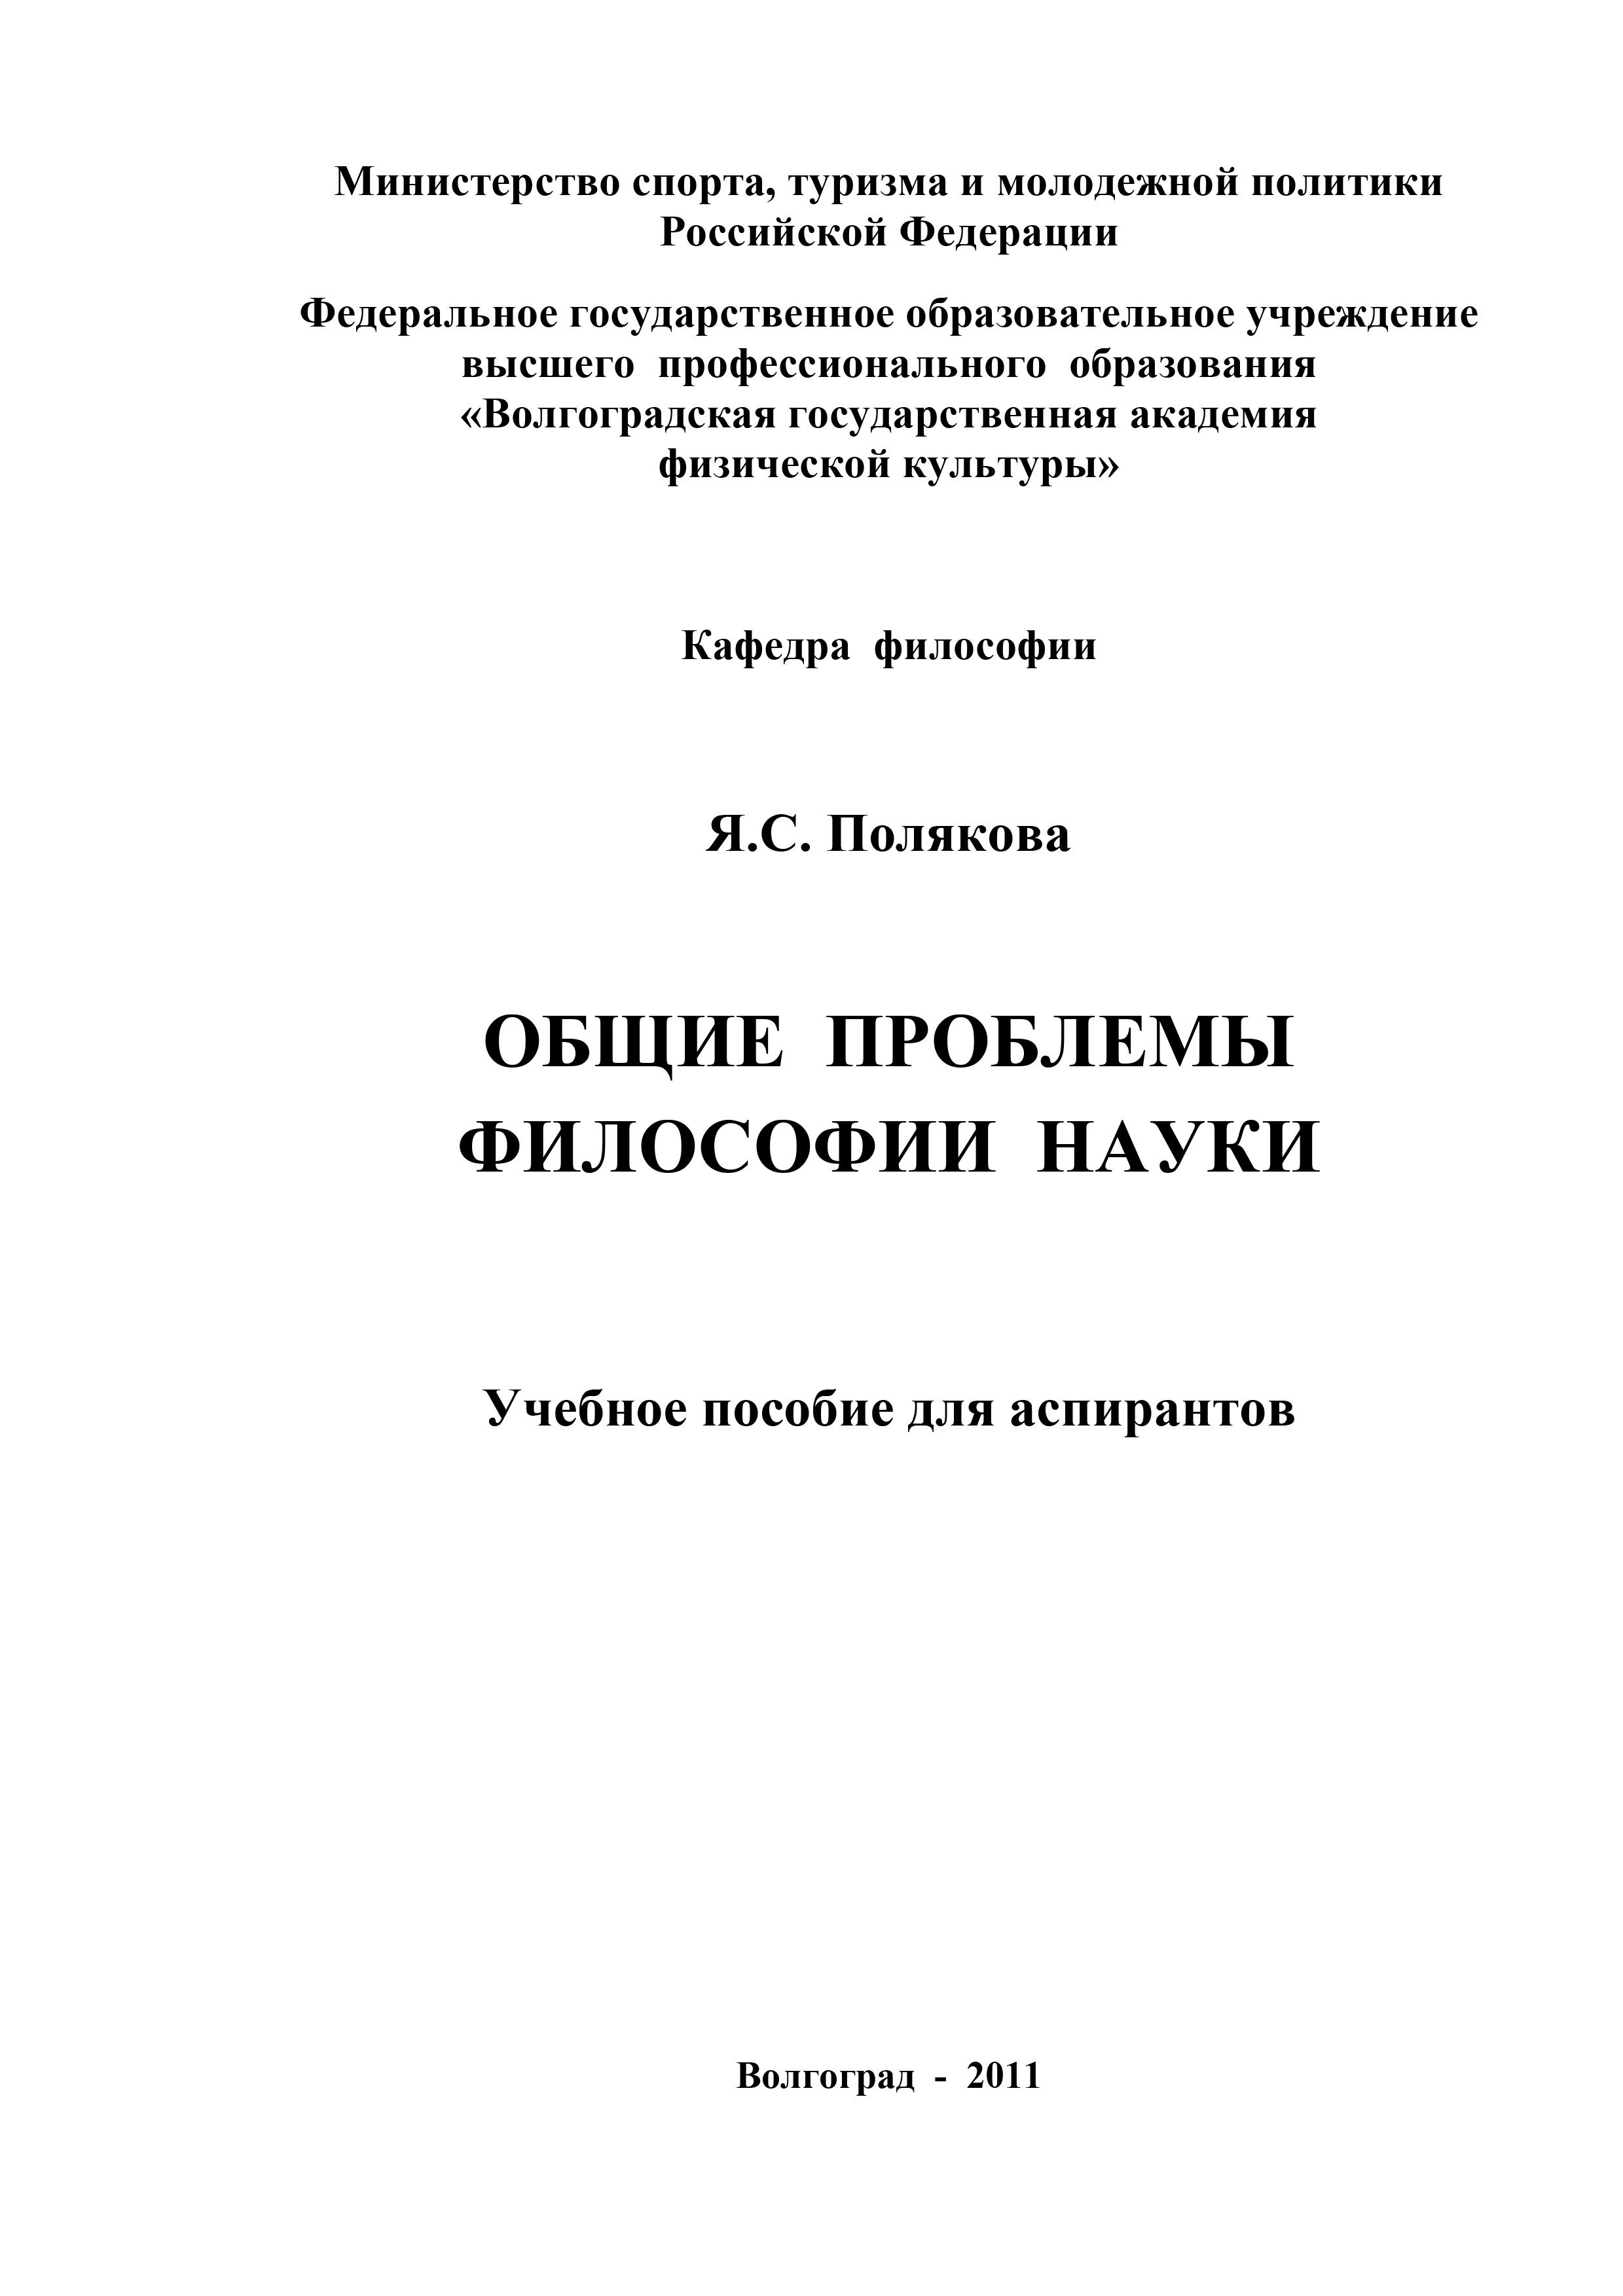 Яна Полякова Общие проблемы философии науки цена